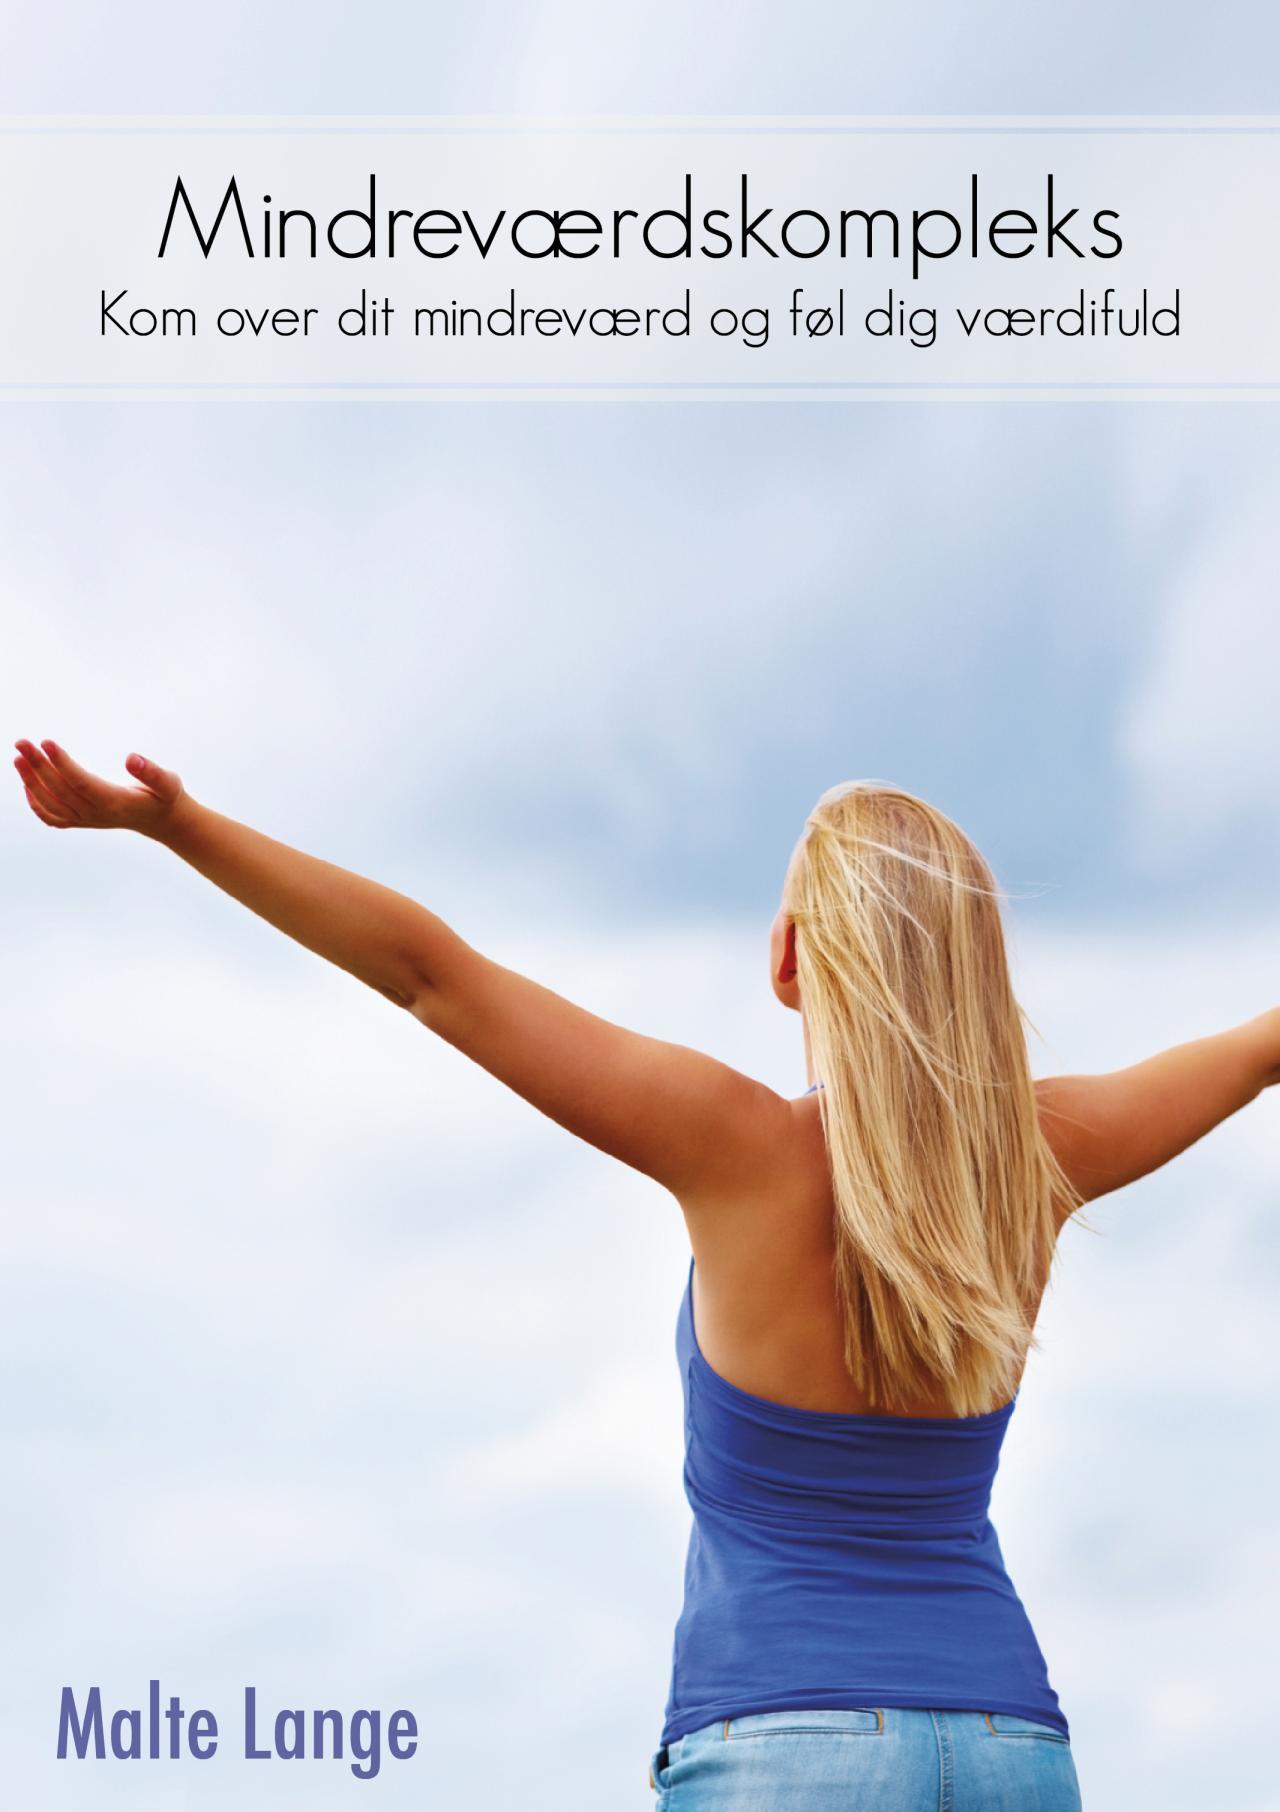 N/A – Mindreværdskompleks - kom over dit mindreværd og føl dig værdifuld på mindly.dk